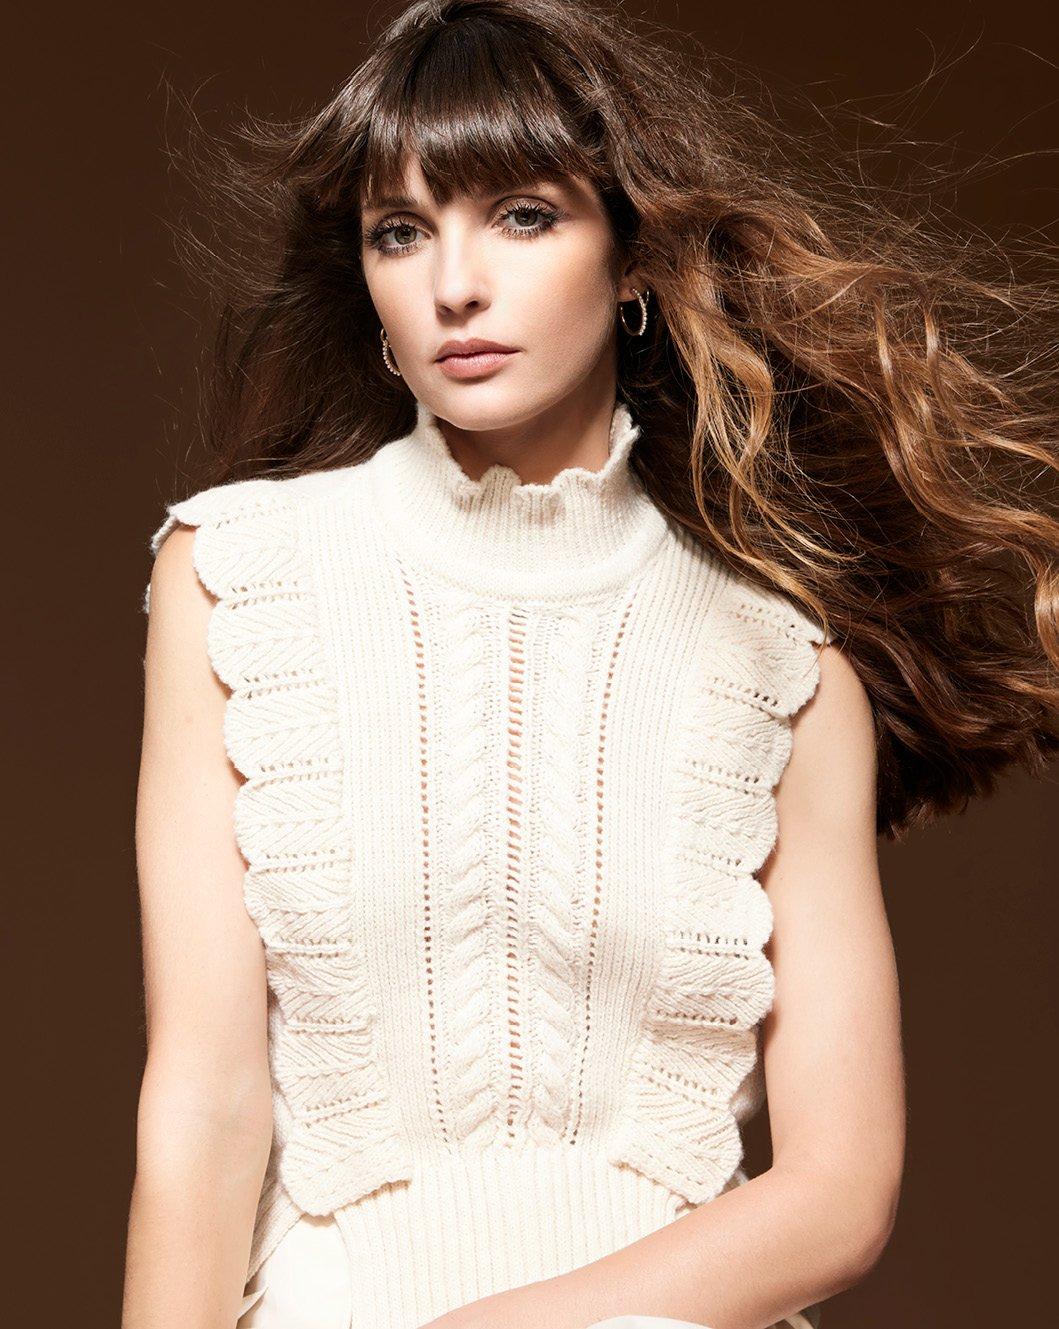 FW21 kocca knitwear